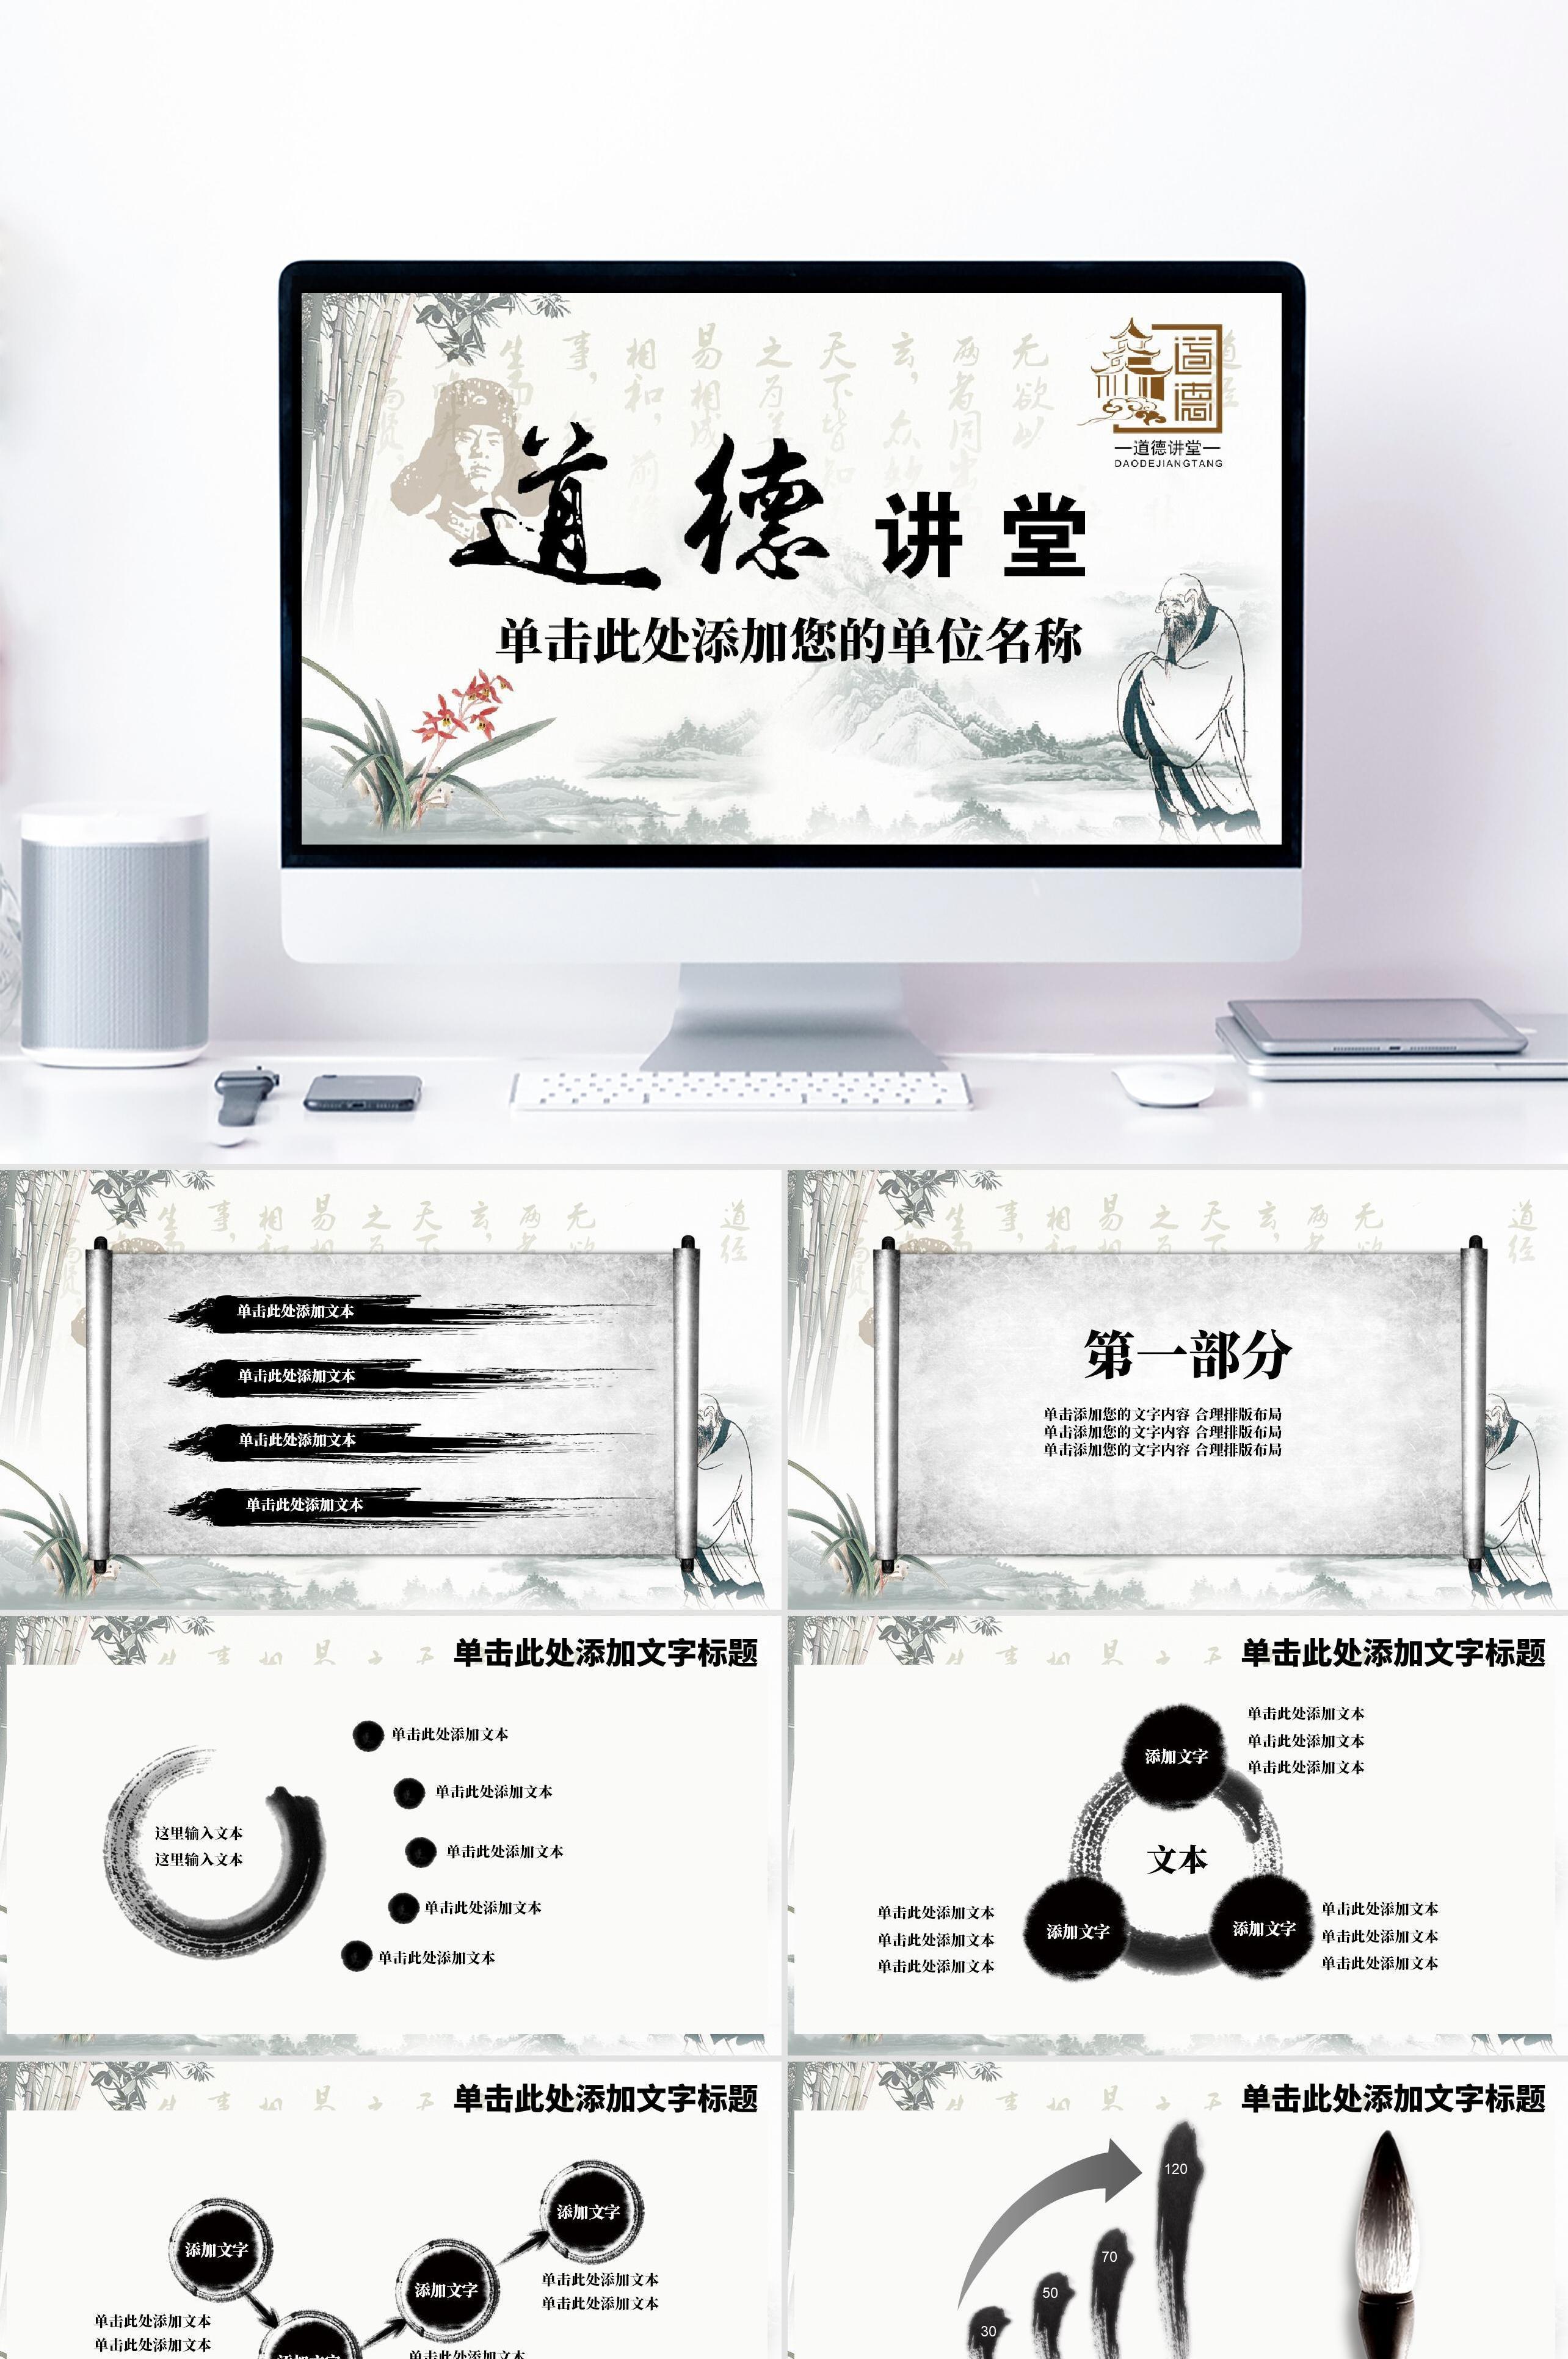 水墨中国风传统精神道德讲课说课PPT模板